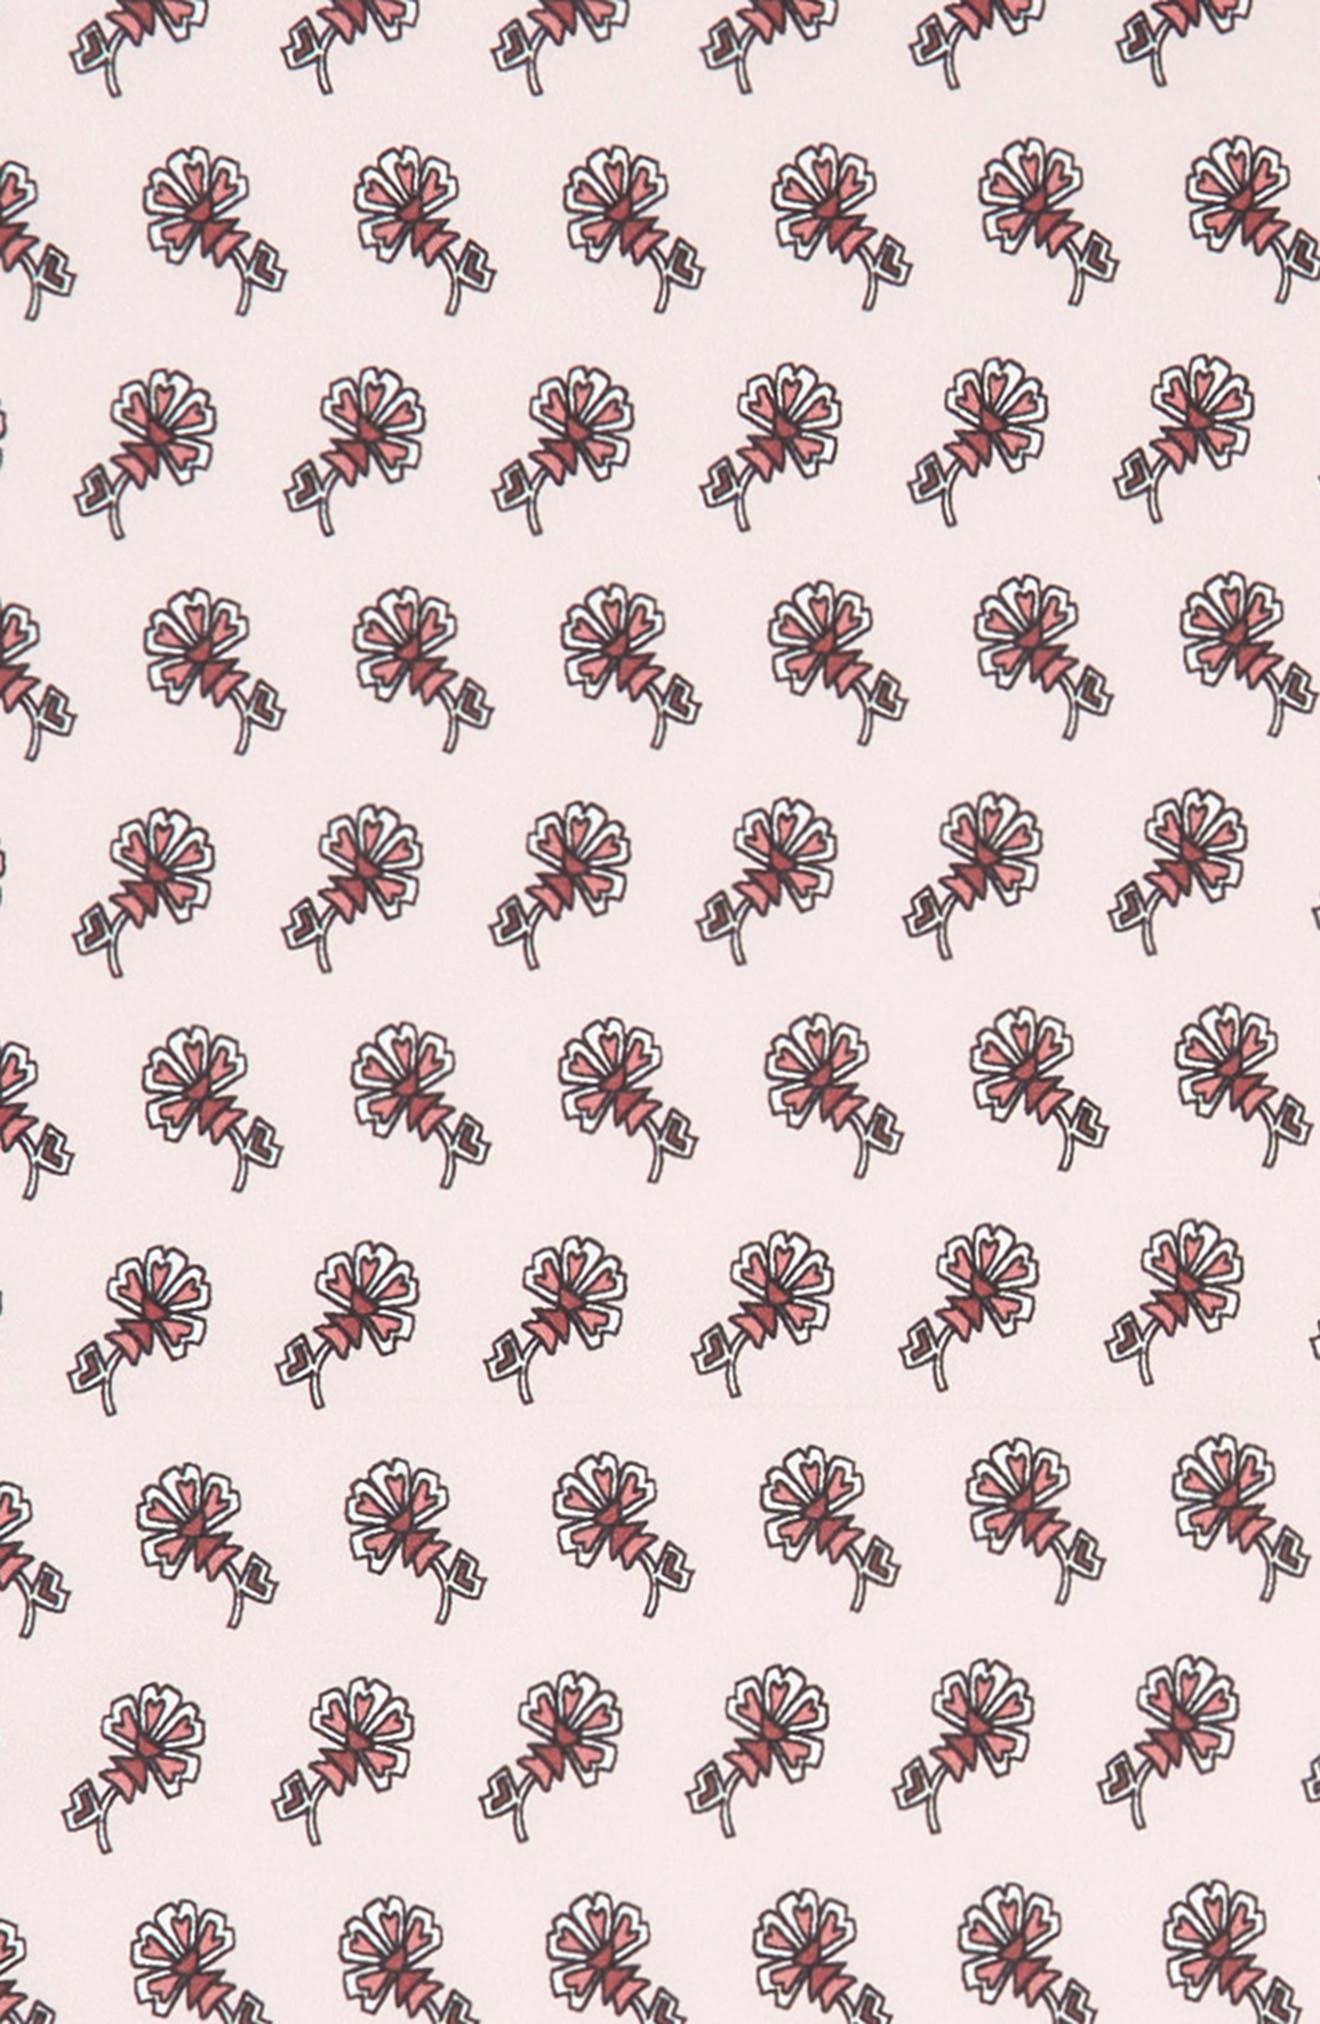 Tiled Rosette Silk Bandana,                             Alternate thumbnail 3, color,                             600